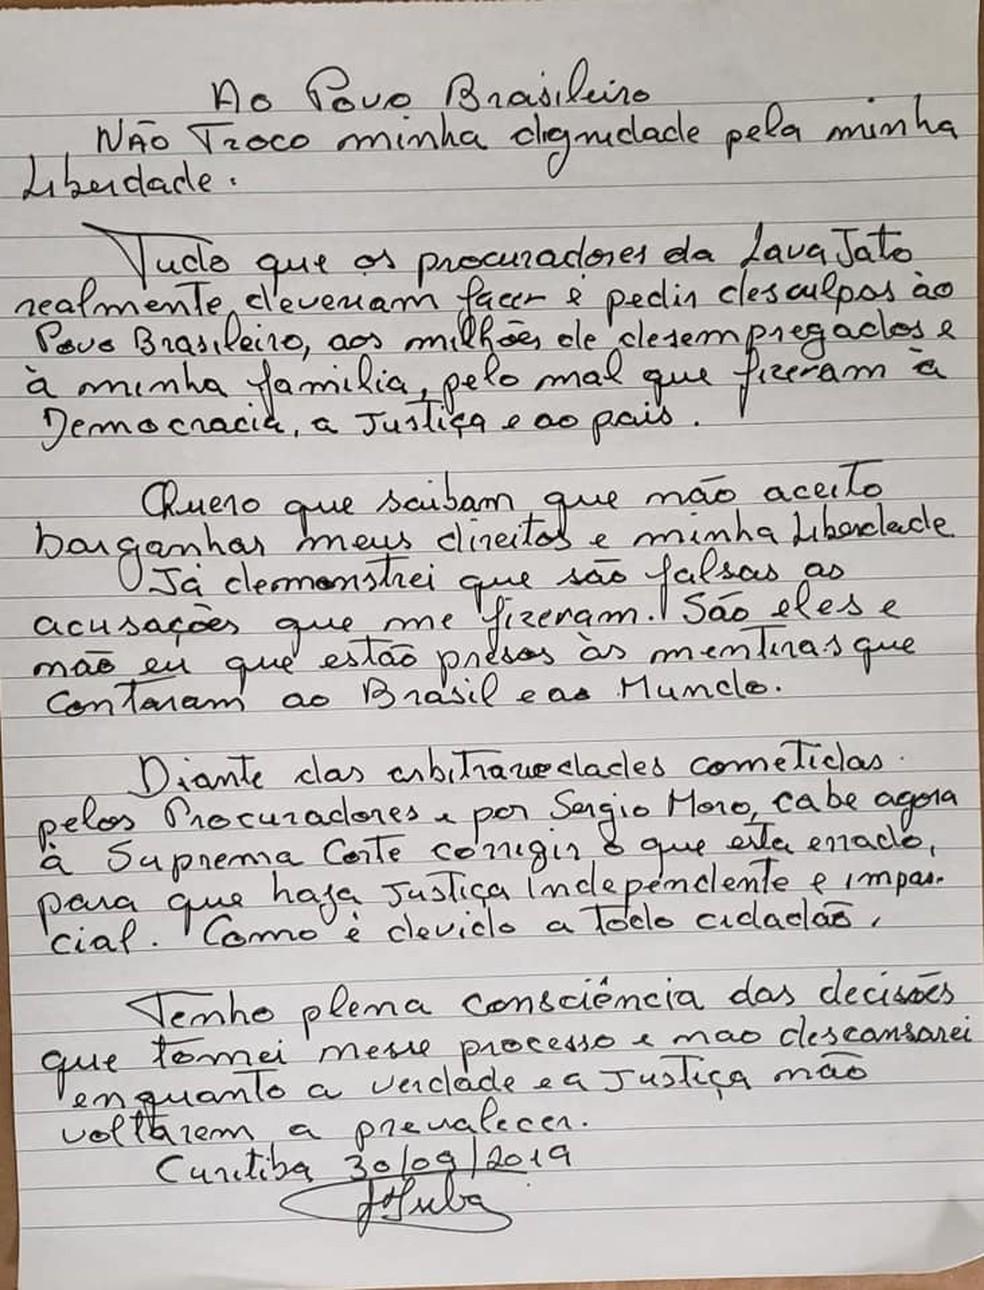 Carta de Lula sobre o pedido do MPF para que ele progrida de regime — Foto: Reprodução/Facebook